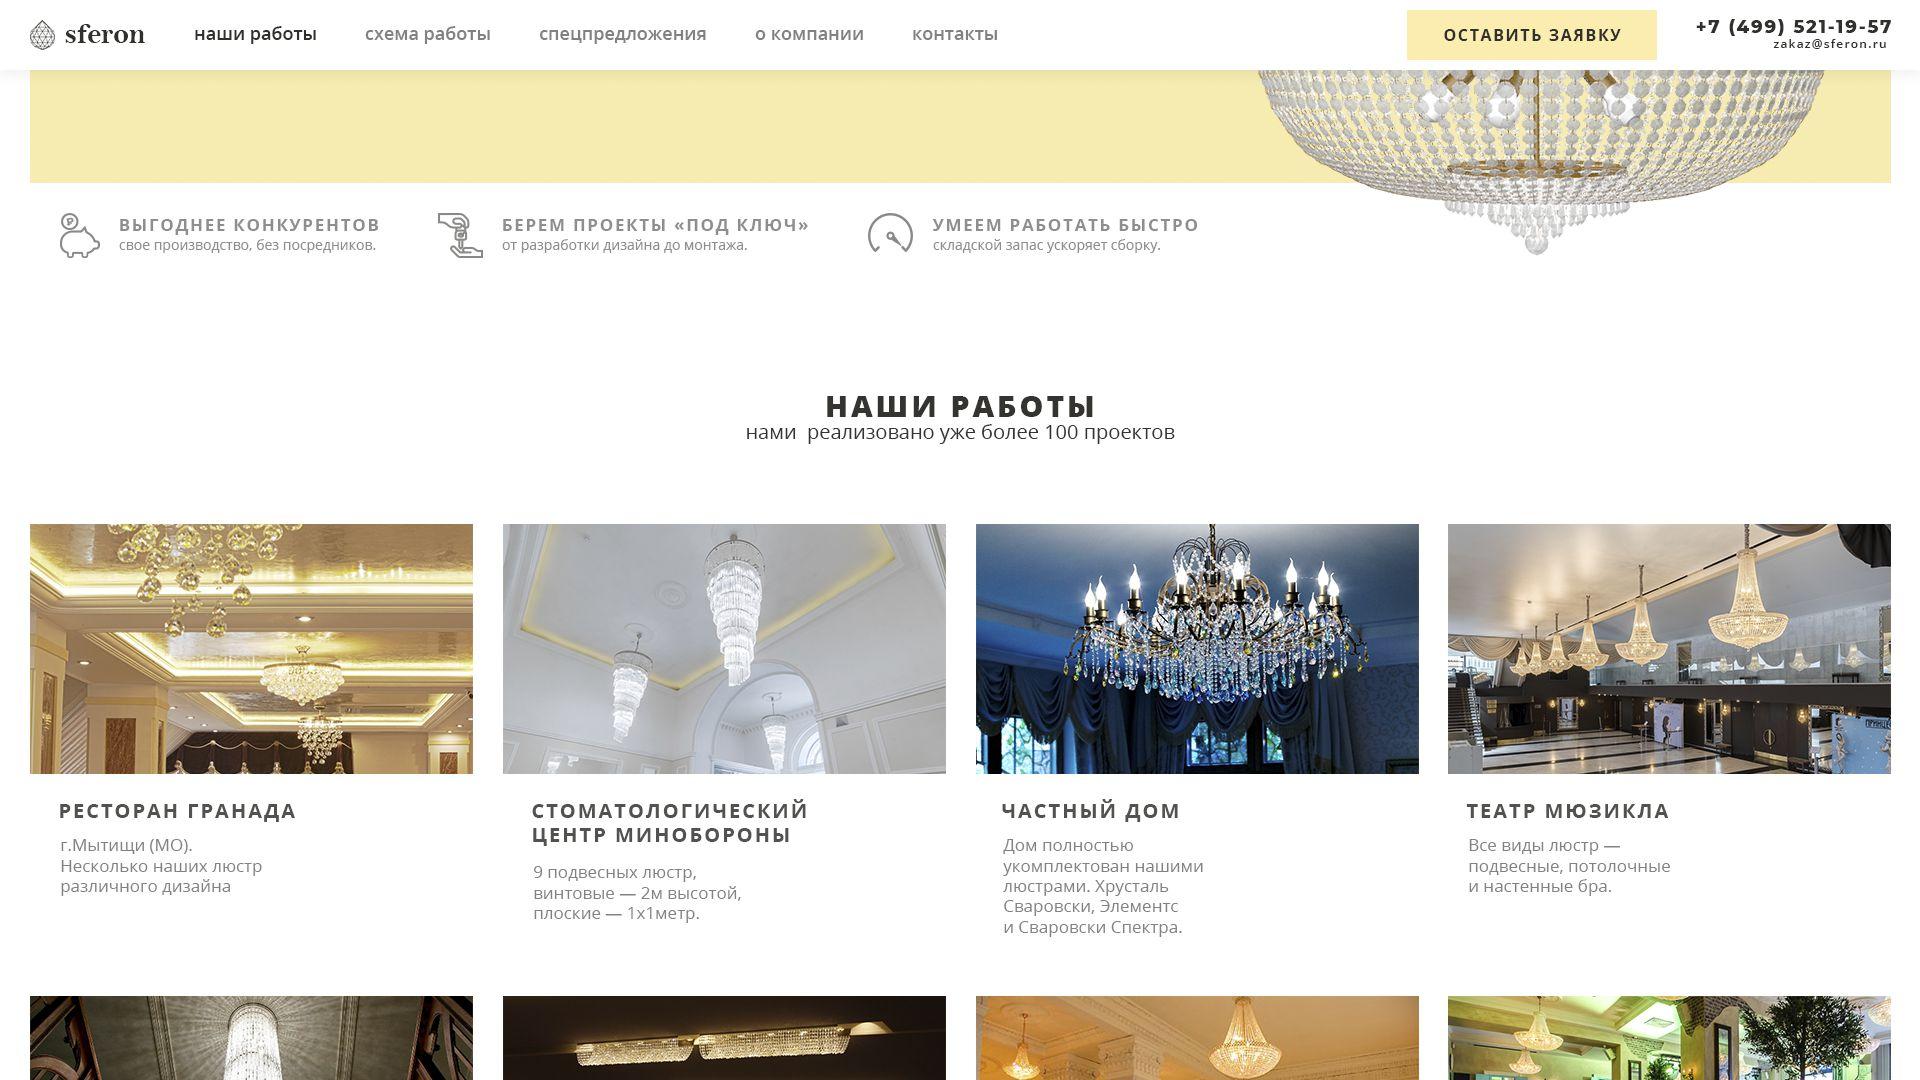 Переделать веб-сайт для sferon.ru фото f_1685b463c5c382f1.jpg